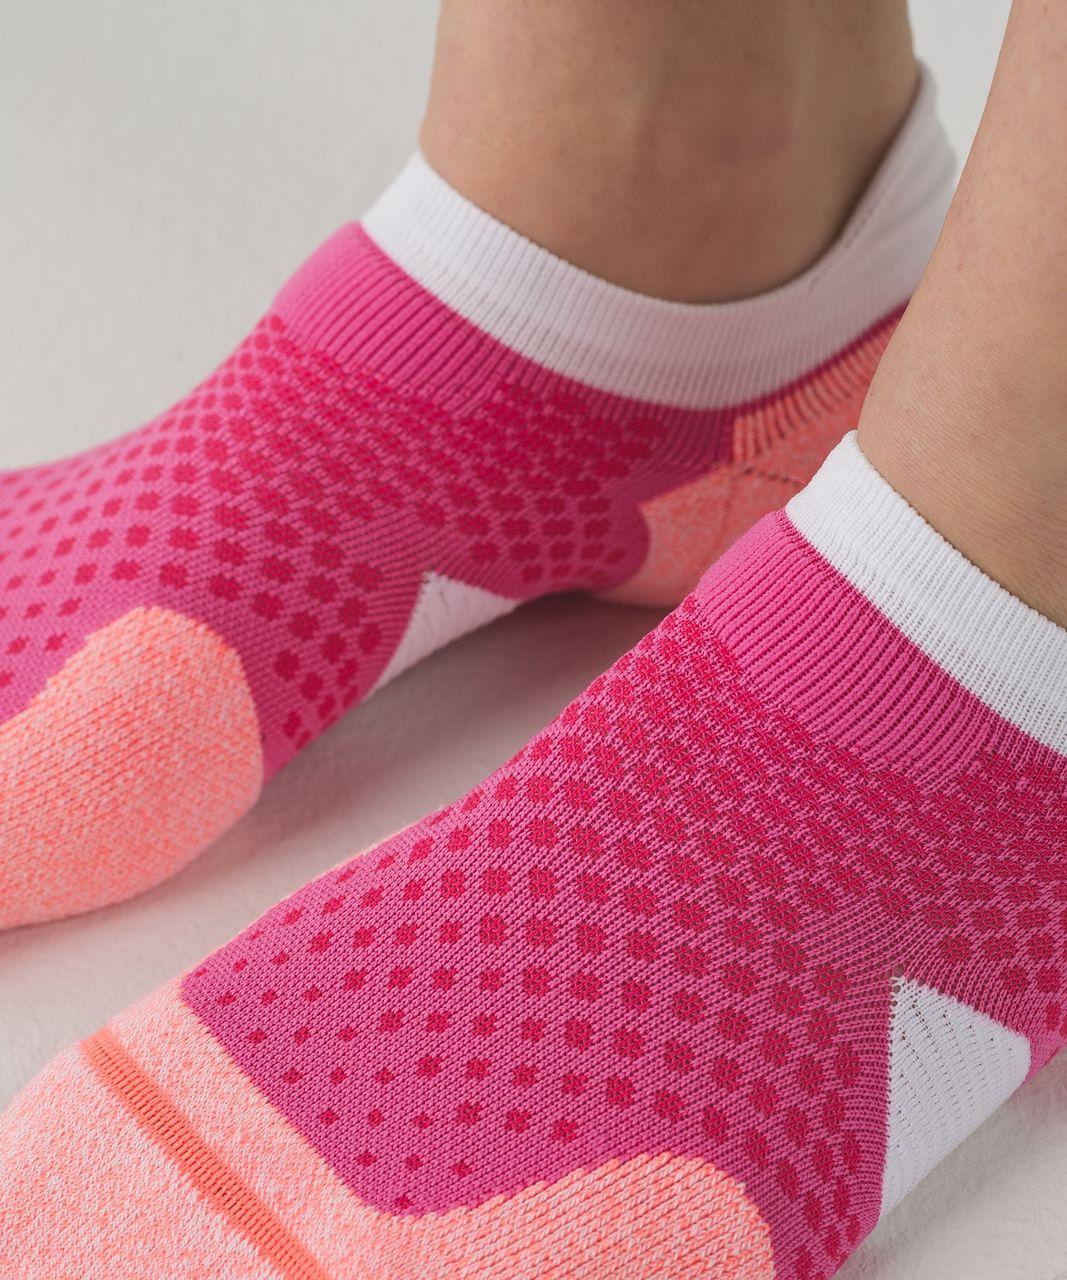 Lululemon High Speed Sock - Boom Juice / Very Light Flare / Pink Paradise